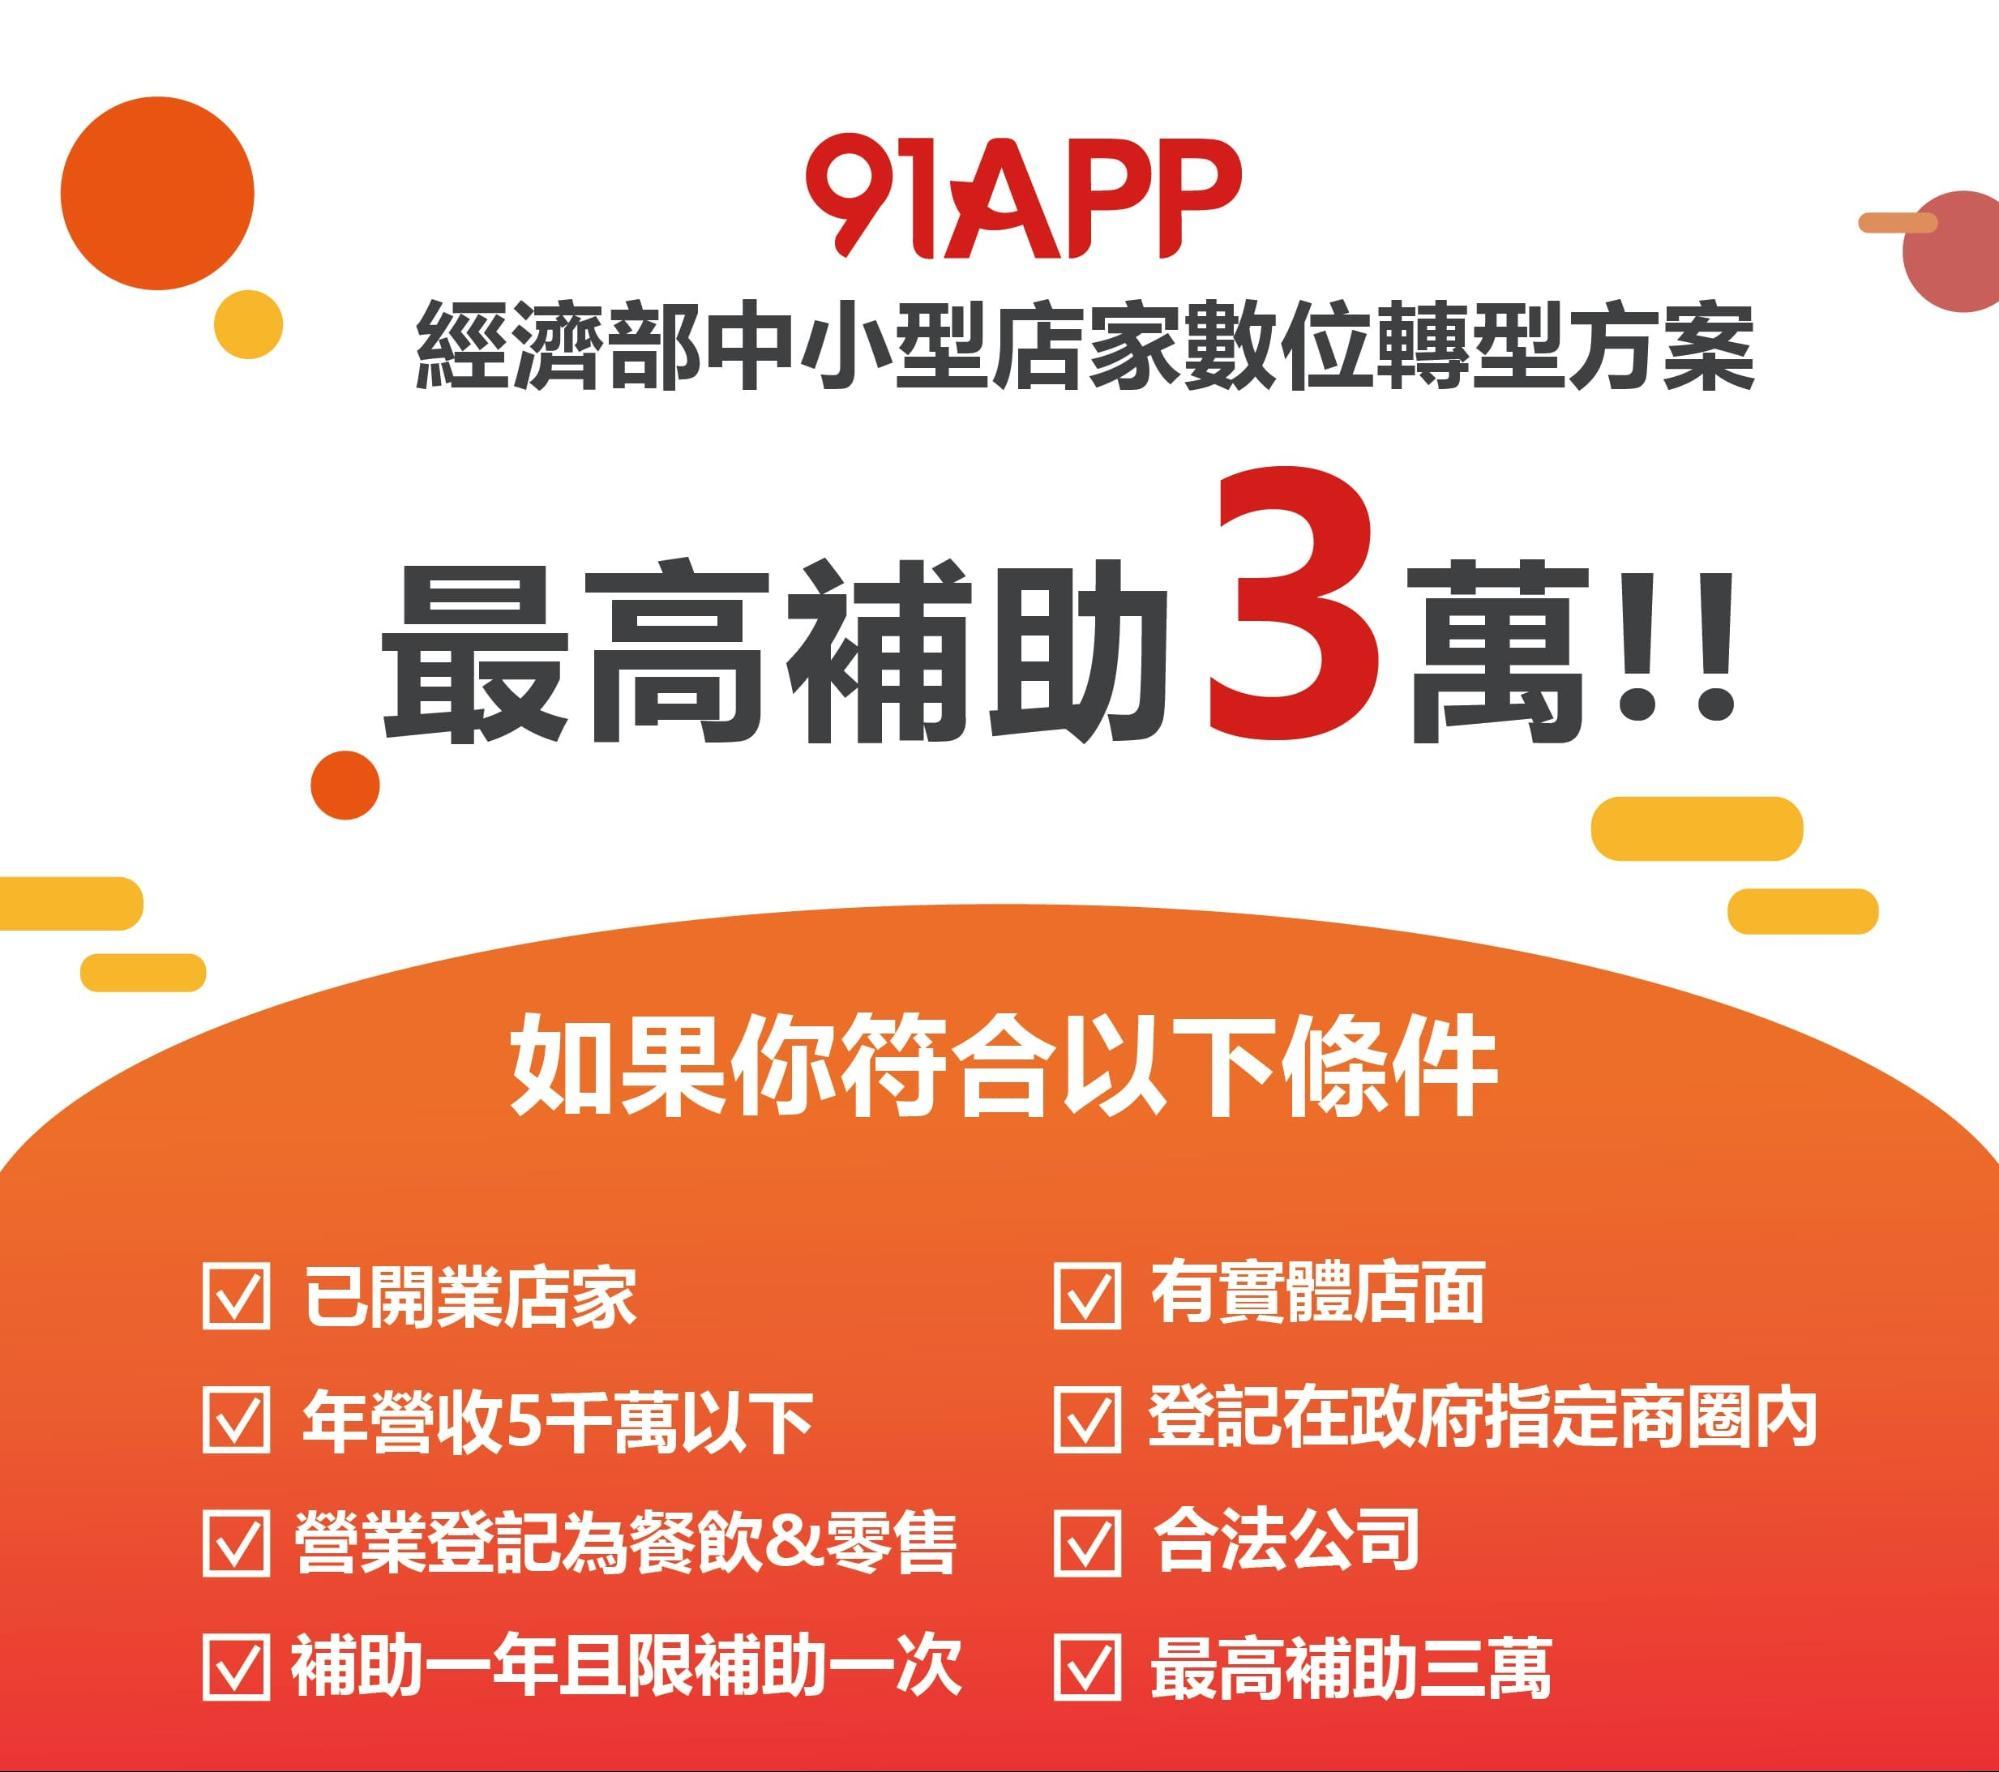 91APP 政府補助中小店家數位轉型